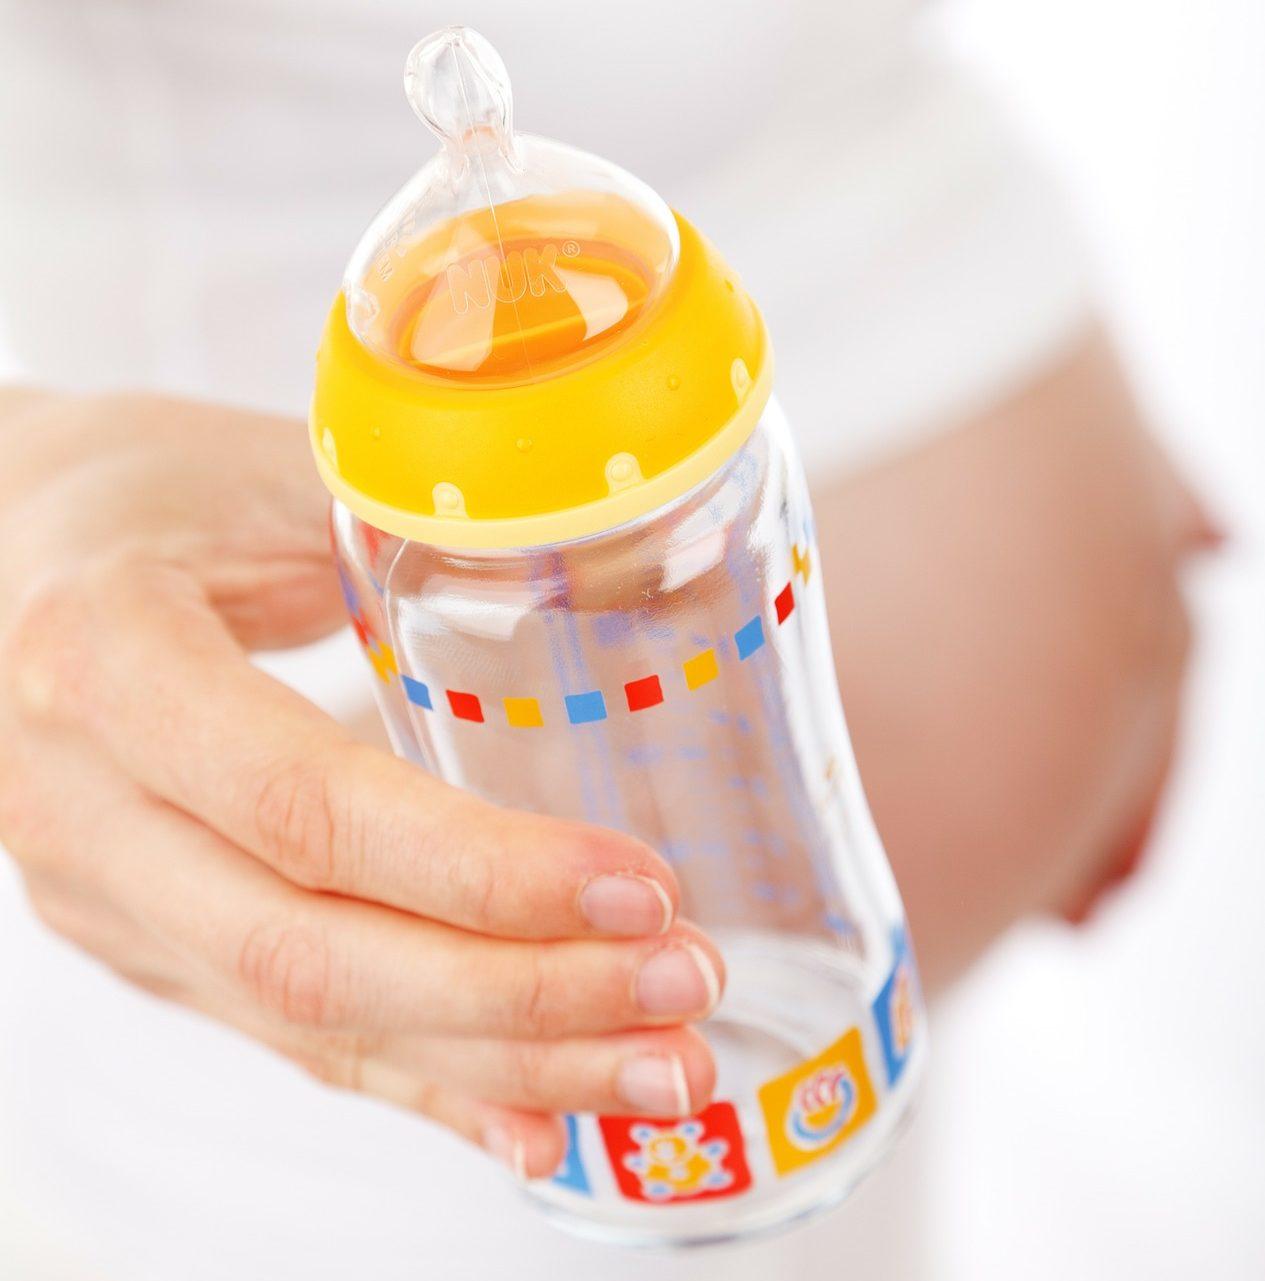 Vauvanhoito-ohjeistuksen hurlumhei